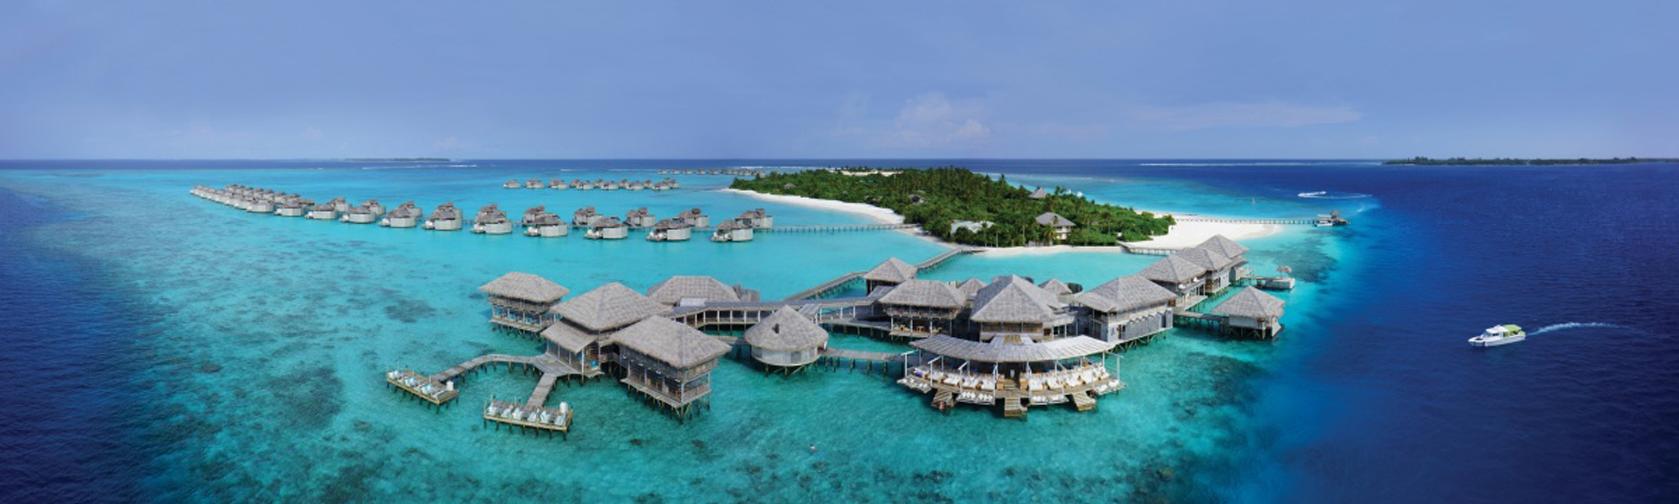 Luxusreisen Beach